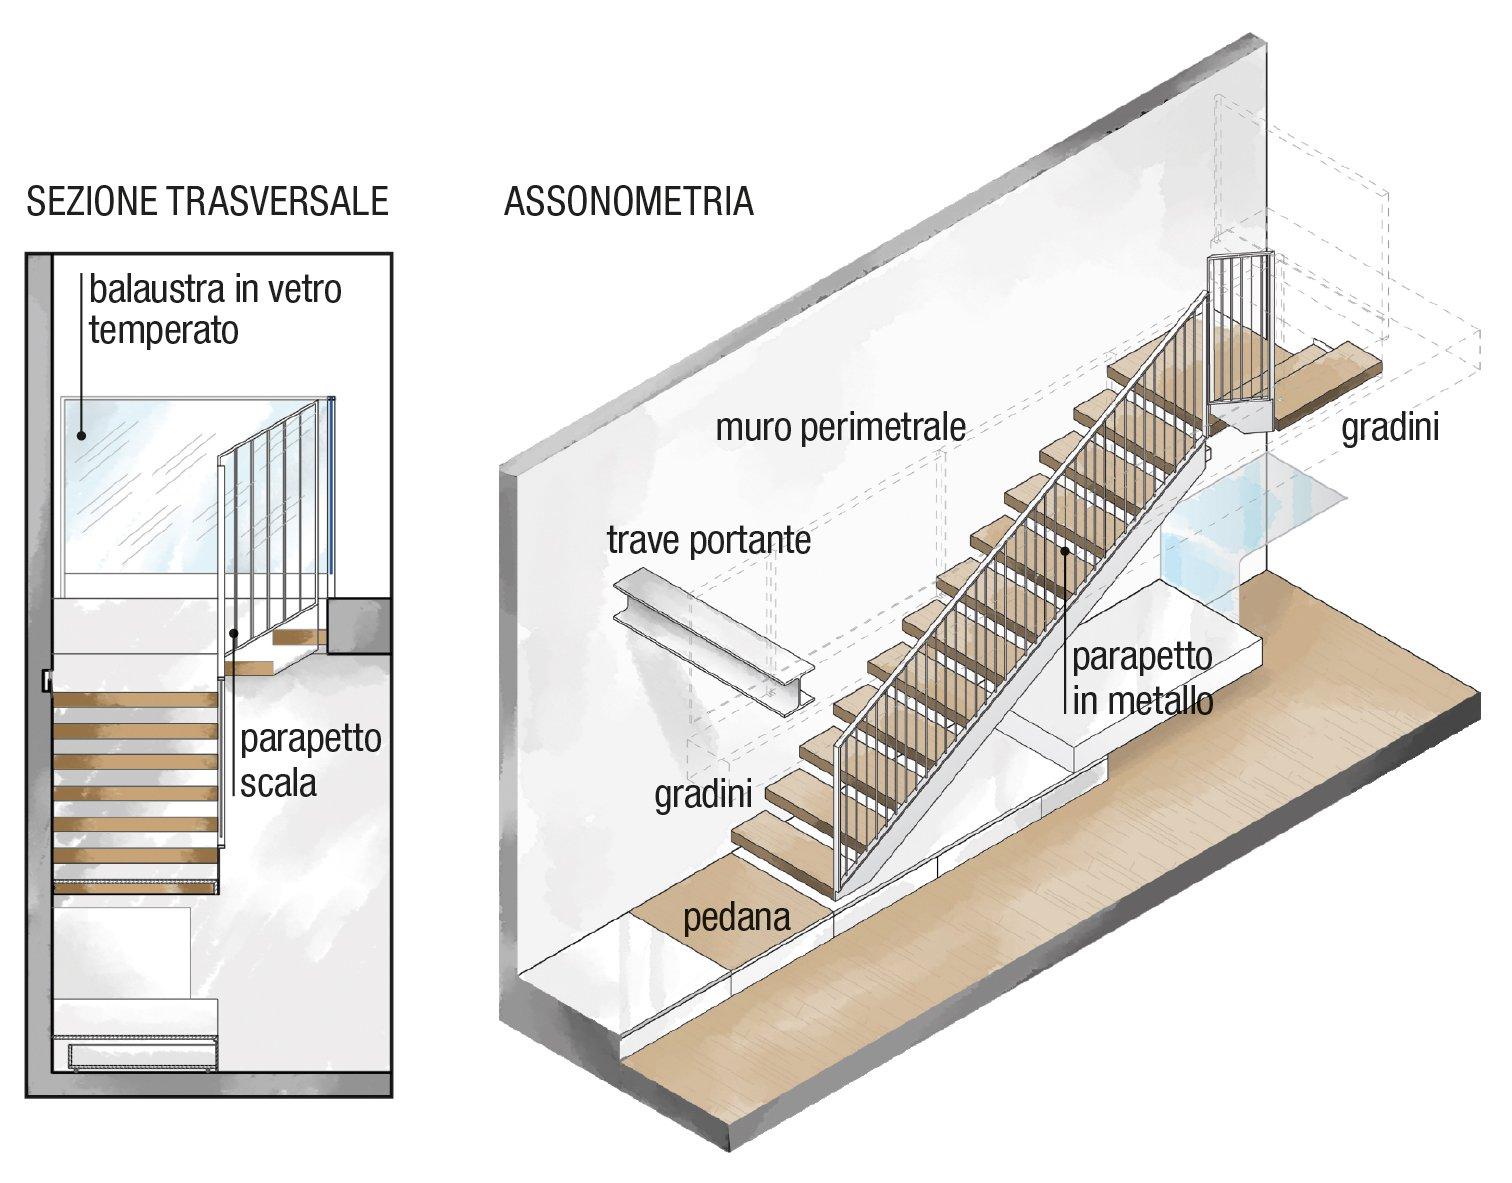 Progetto Capriata In Legno loft: una casa sottotetto a doppia altezza - cose di casa